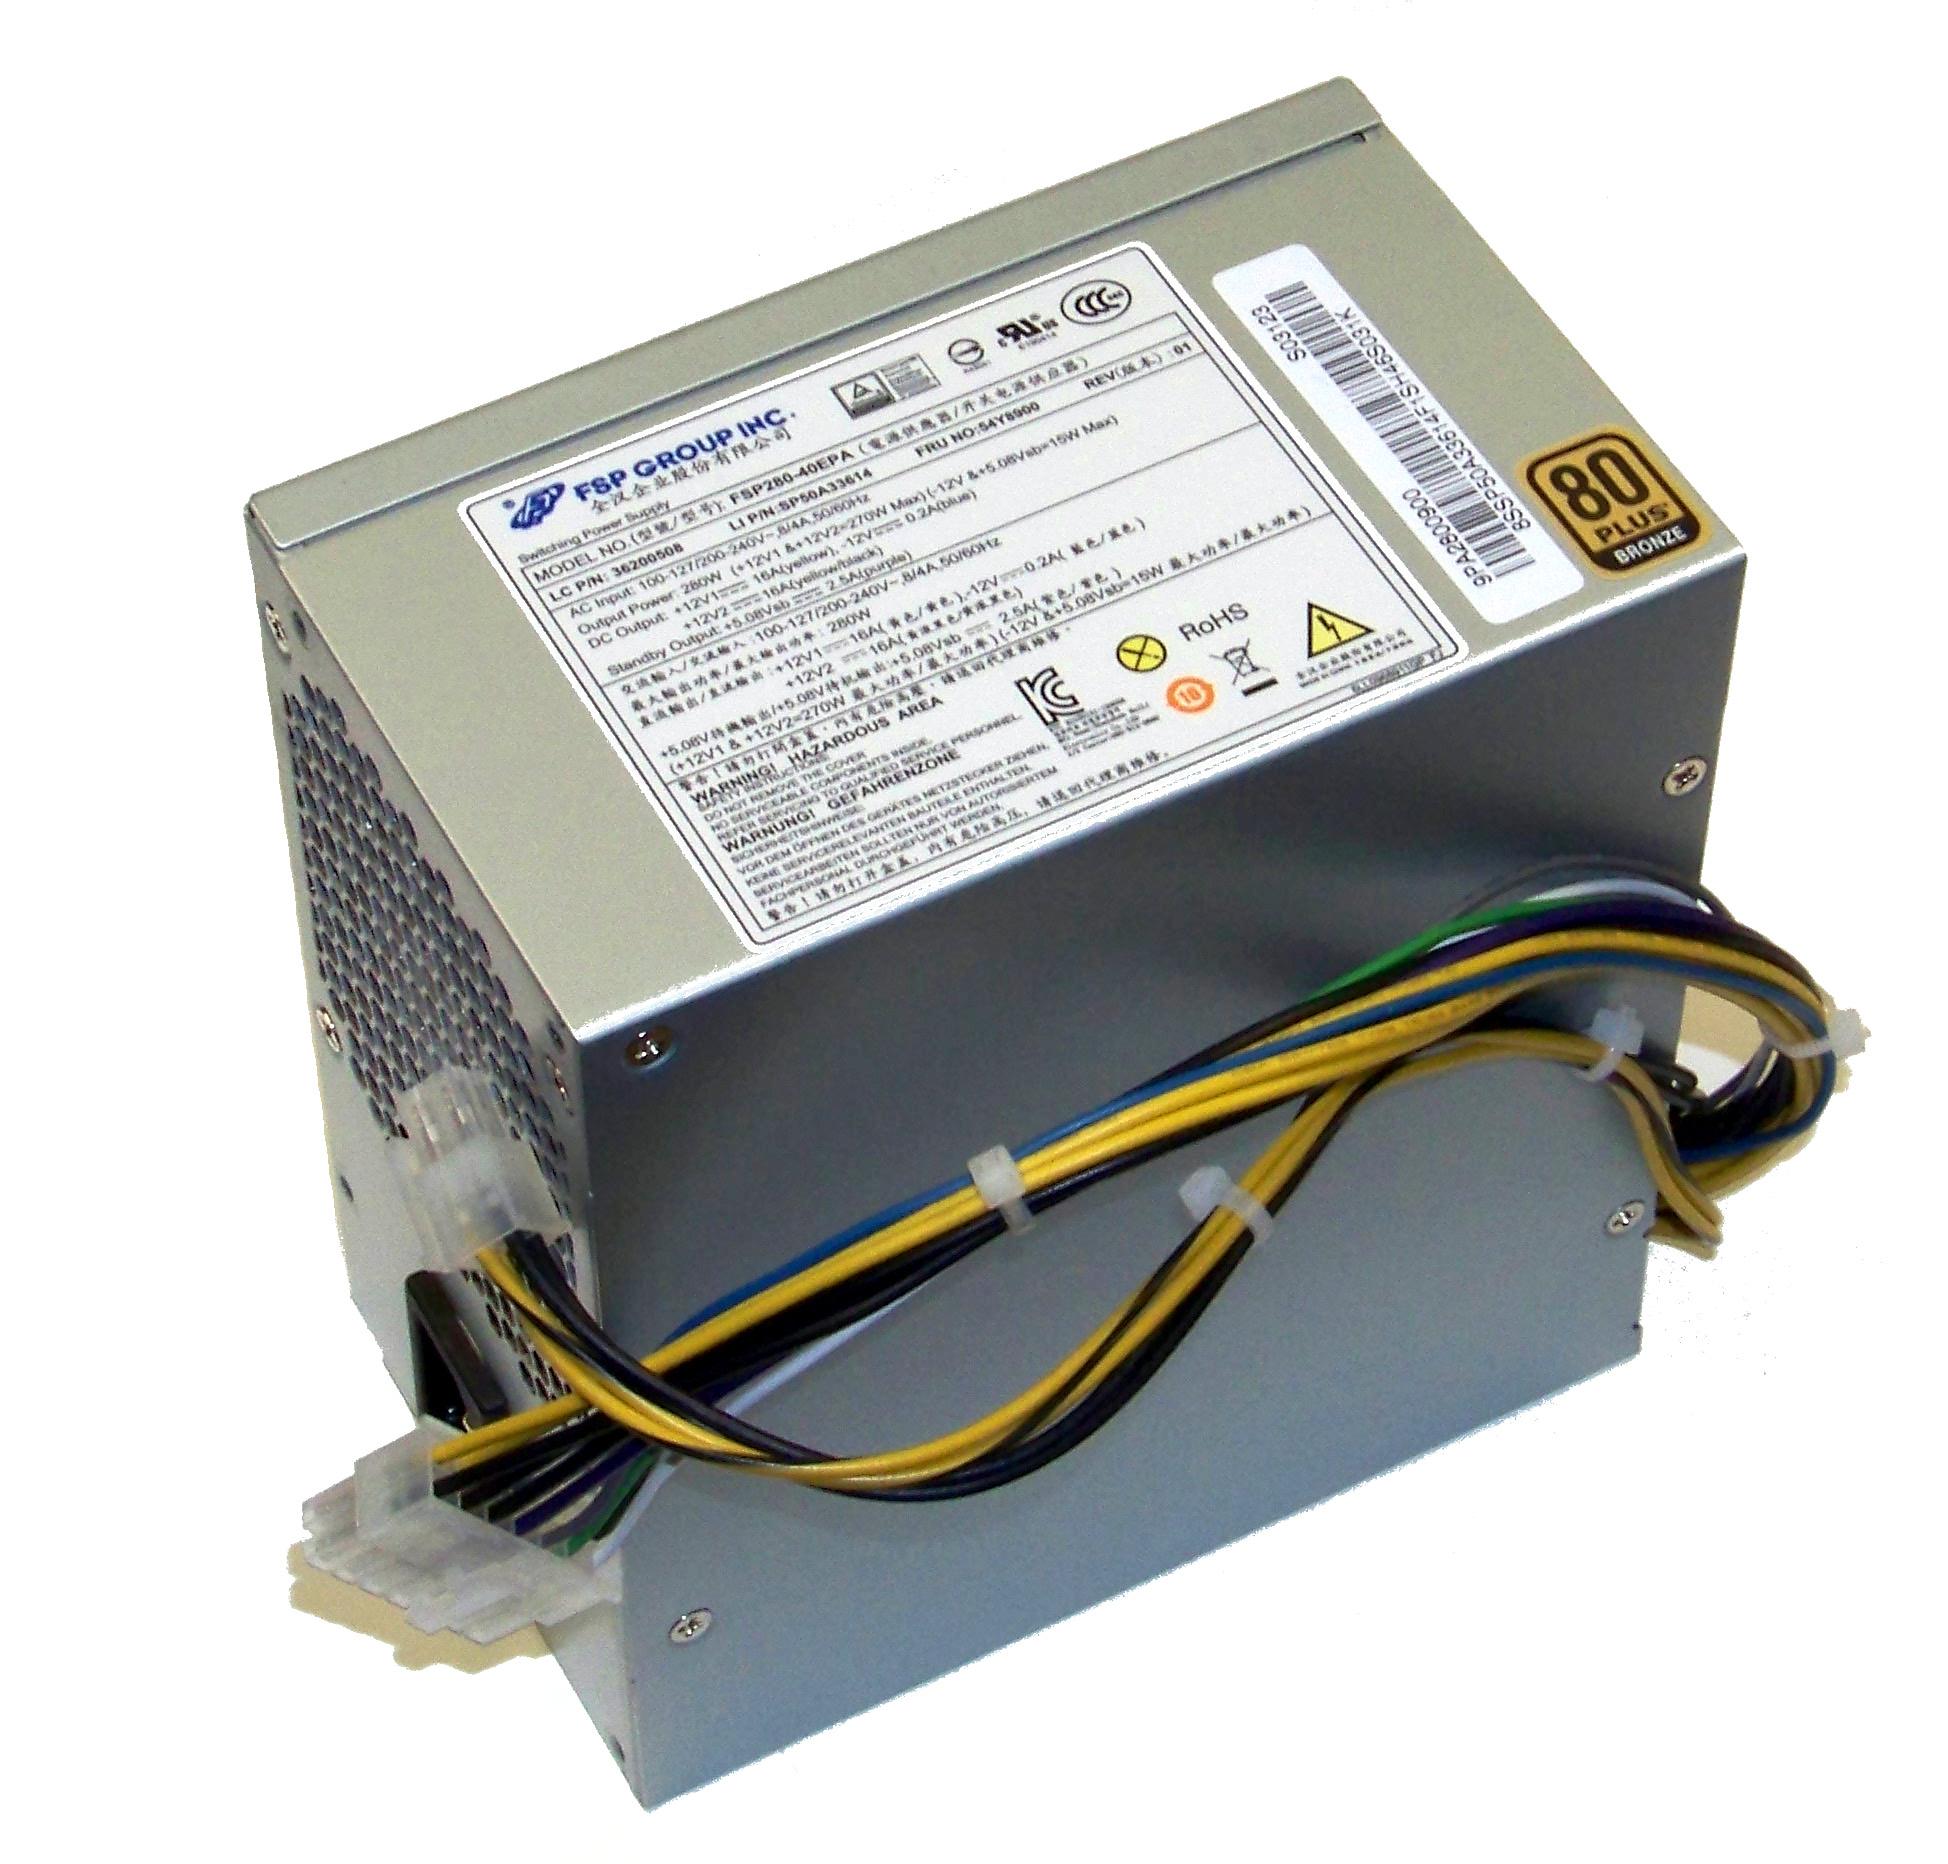 Lenovo 36200508 ThinkCentre Edge 73 280W Power Supply   FRU 54Y8900 Barošanas bloks, PSU